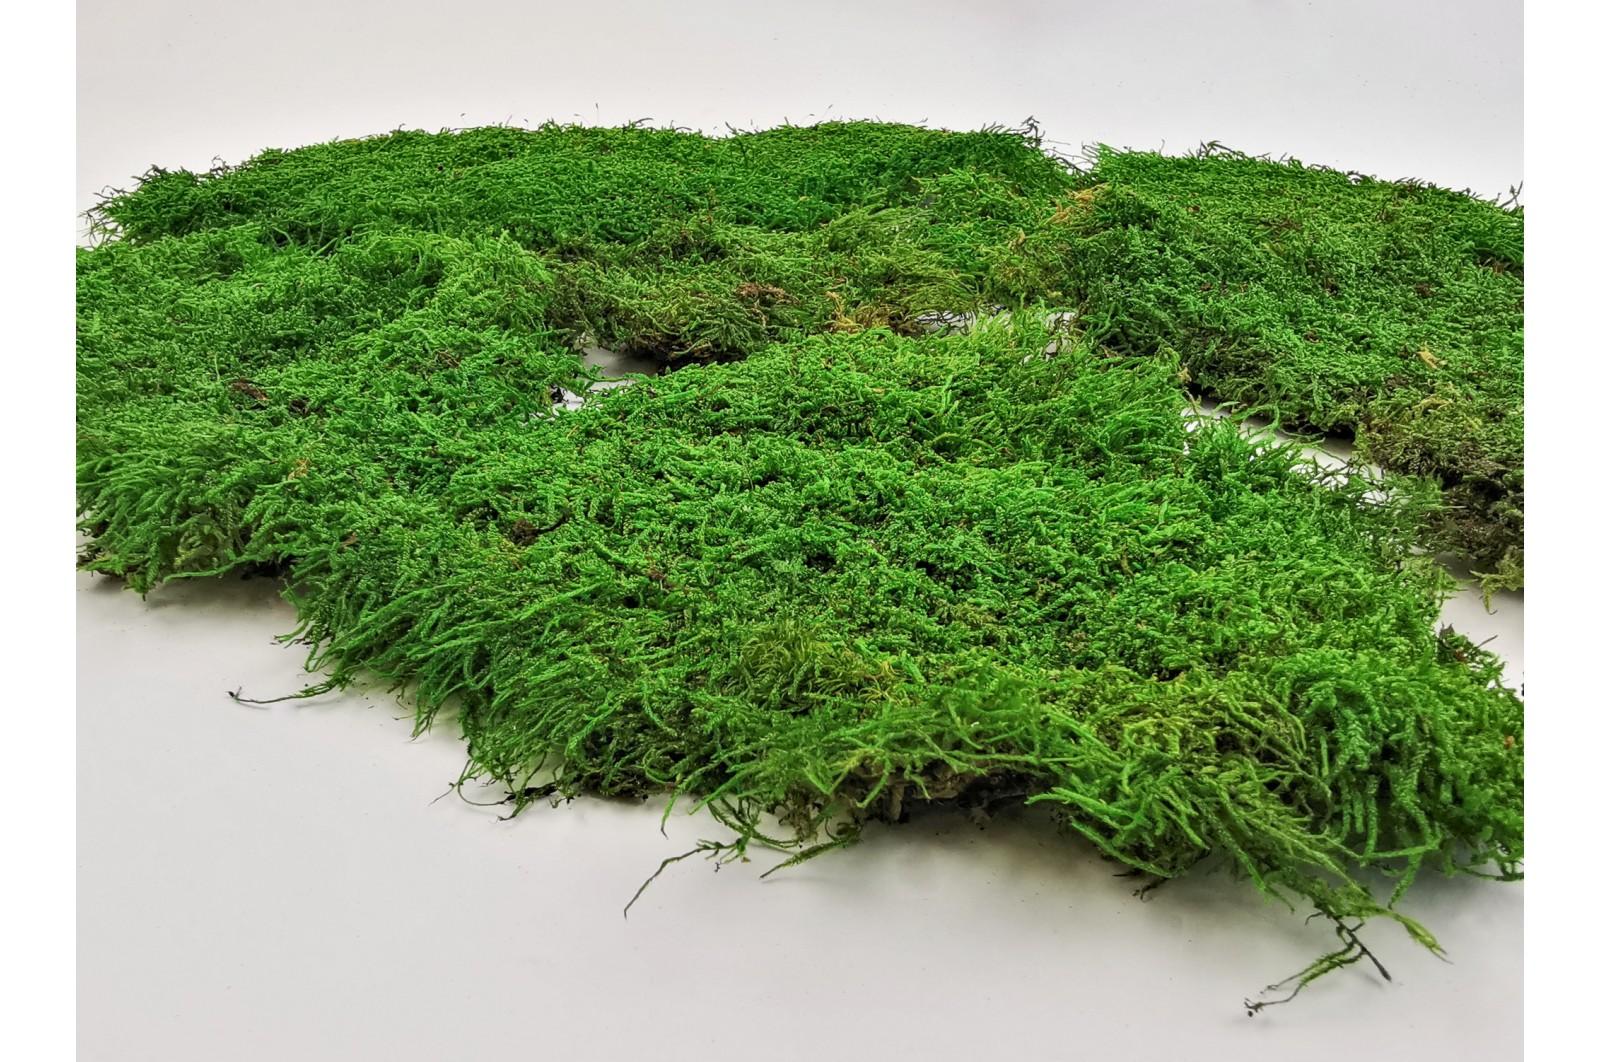 Mousse plate stabilisée verte 1 (2.5 kg)